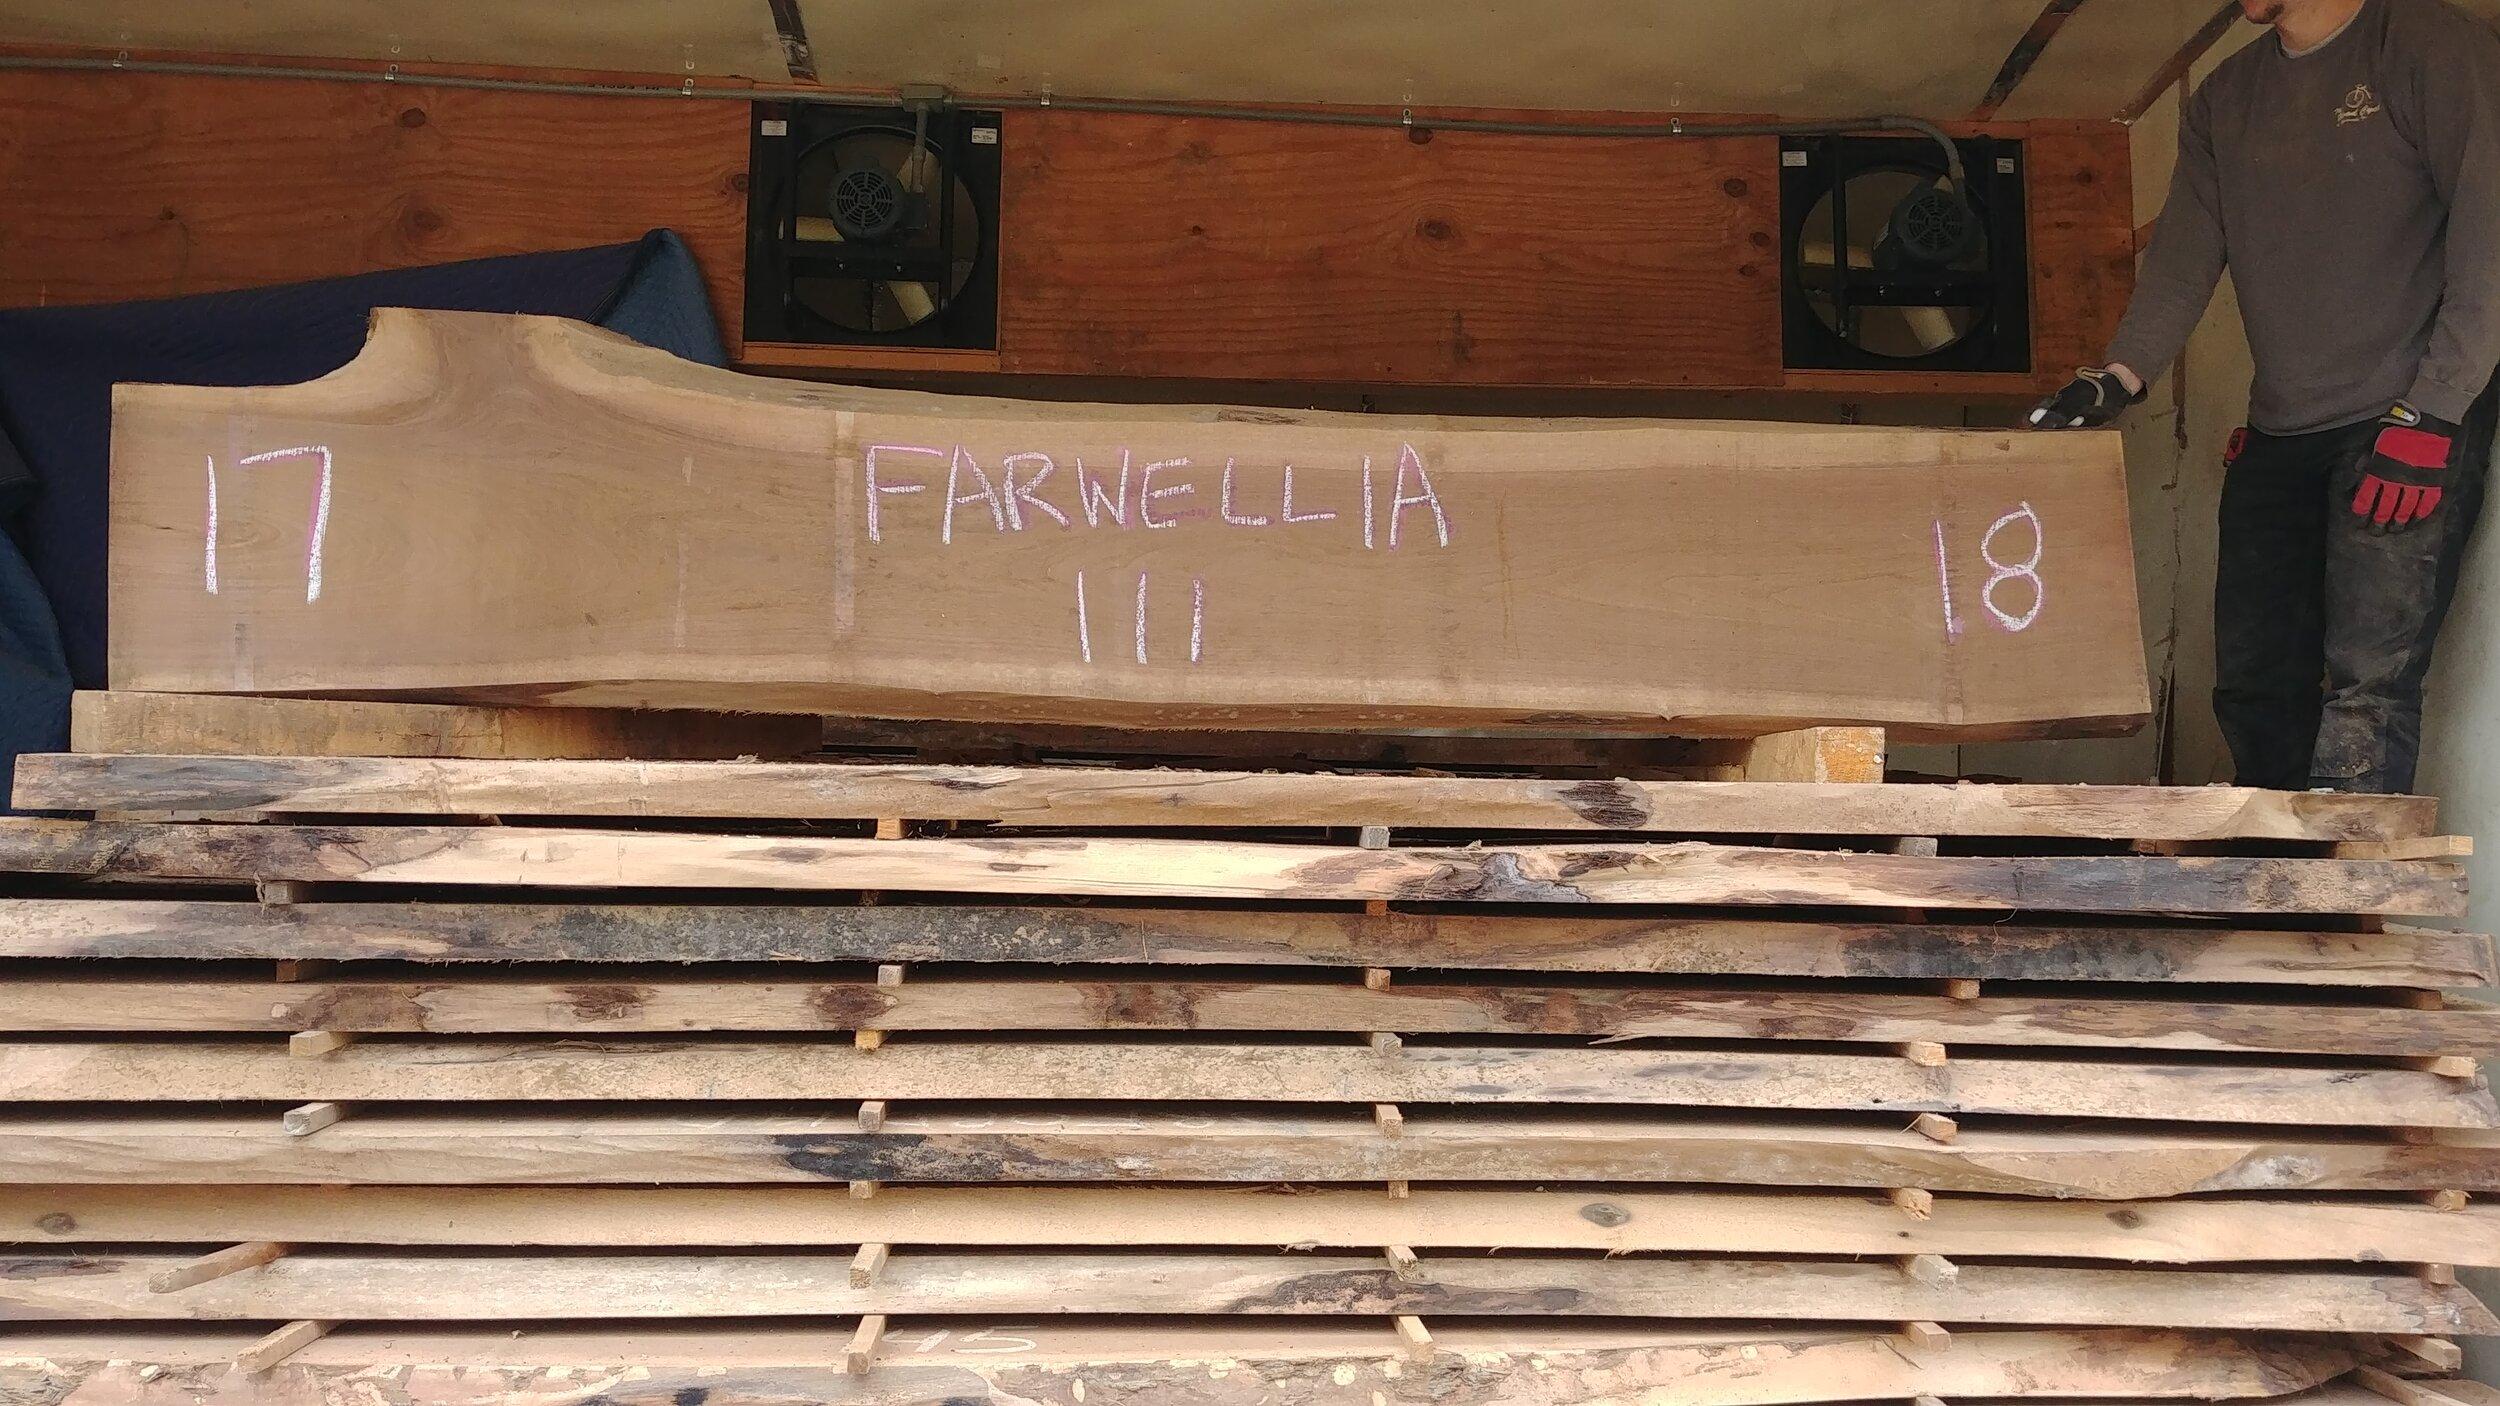 Farwell 1A.jpg